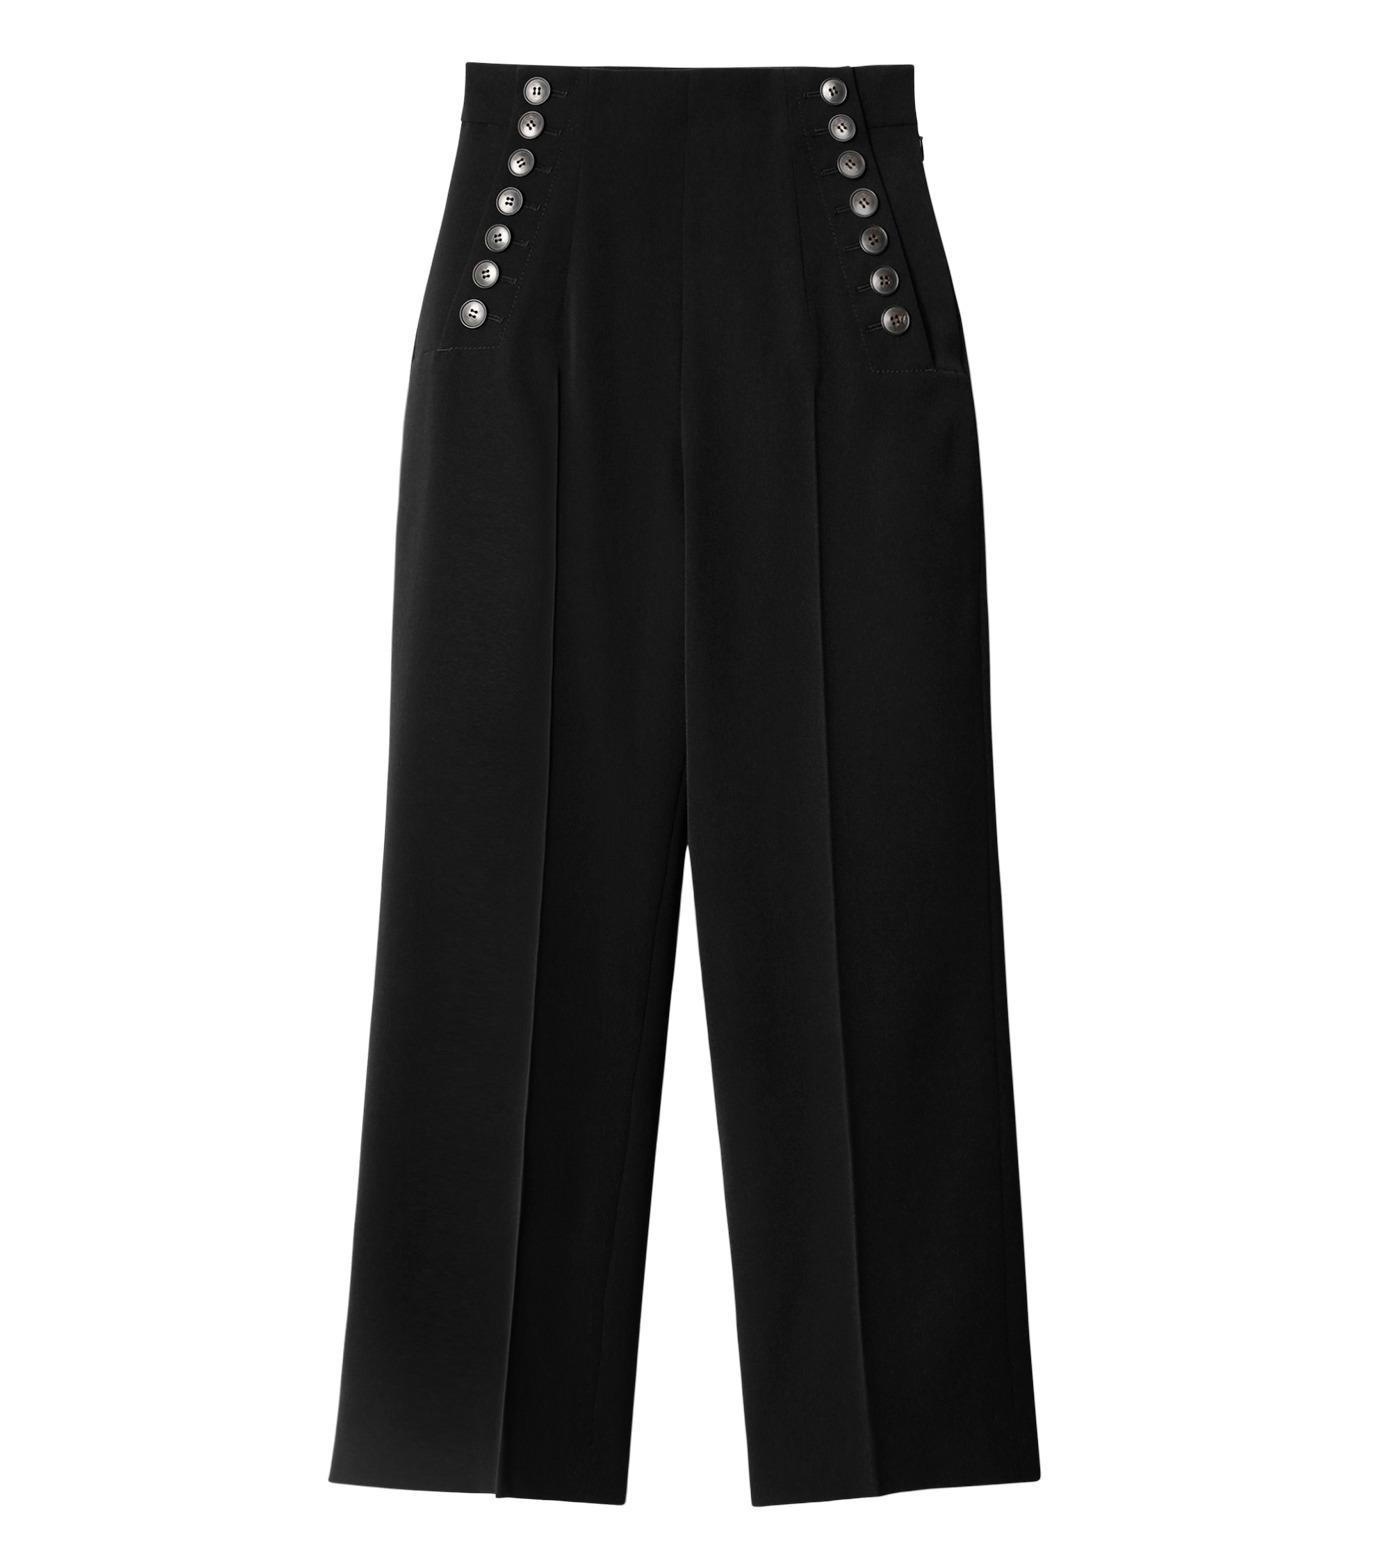 LE CIEL BLEU(ルシェルブルー)のタキシードコルセットパンツ-BLACK(パンツ/pants)-18A68513 拡大詳細画像4